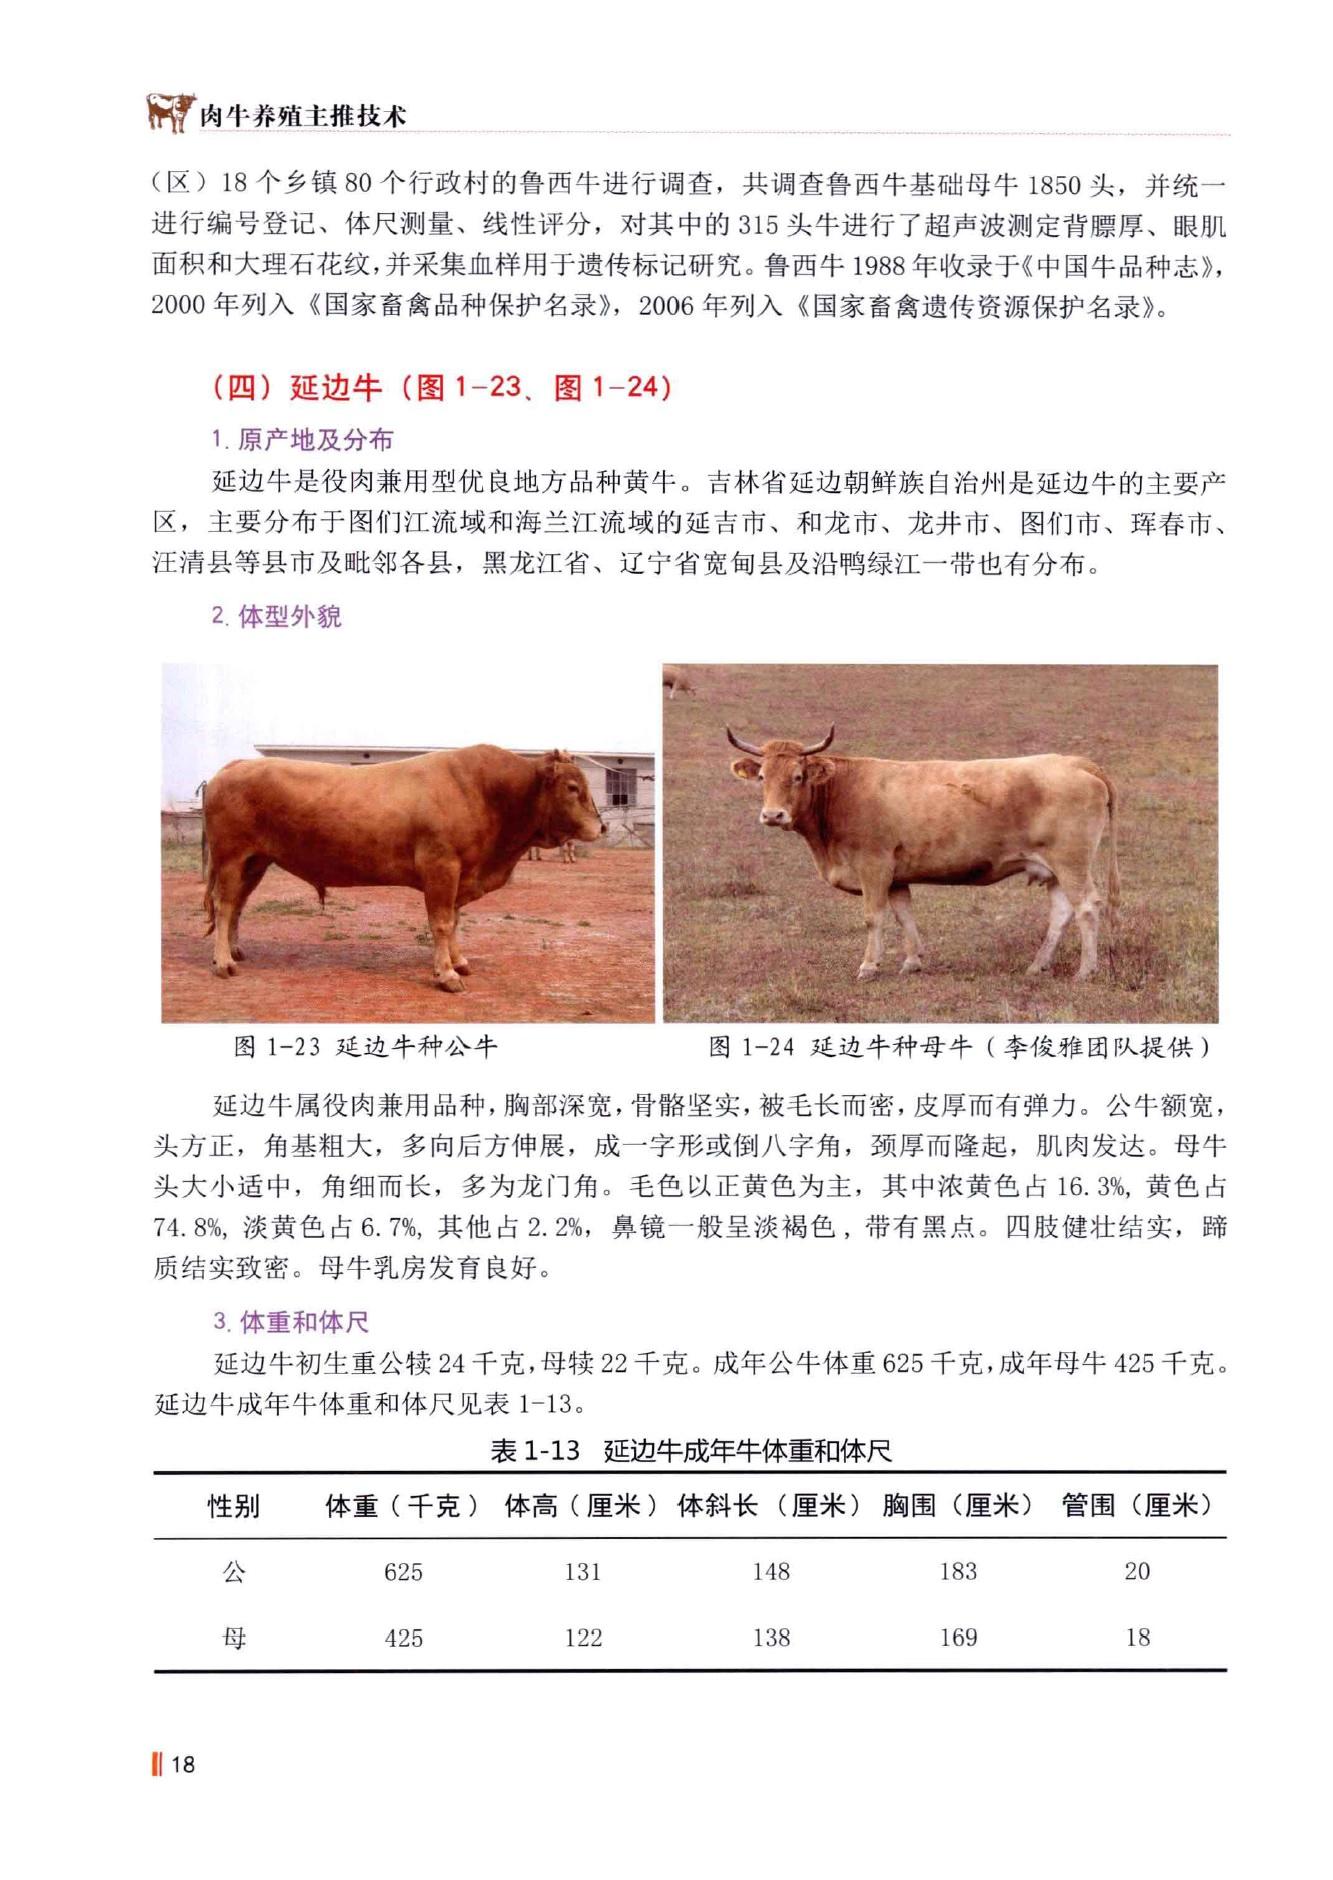 延边牛介绍